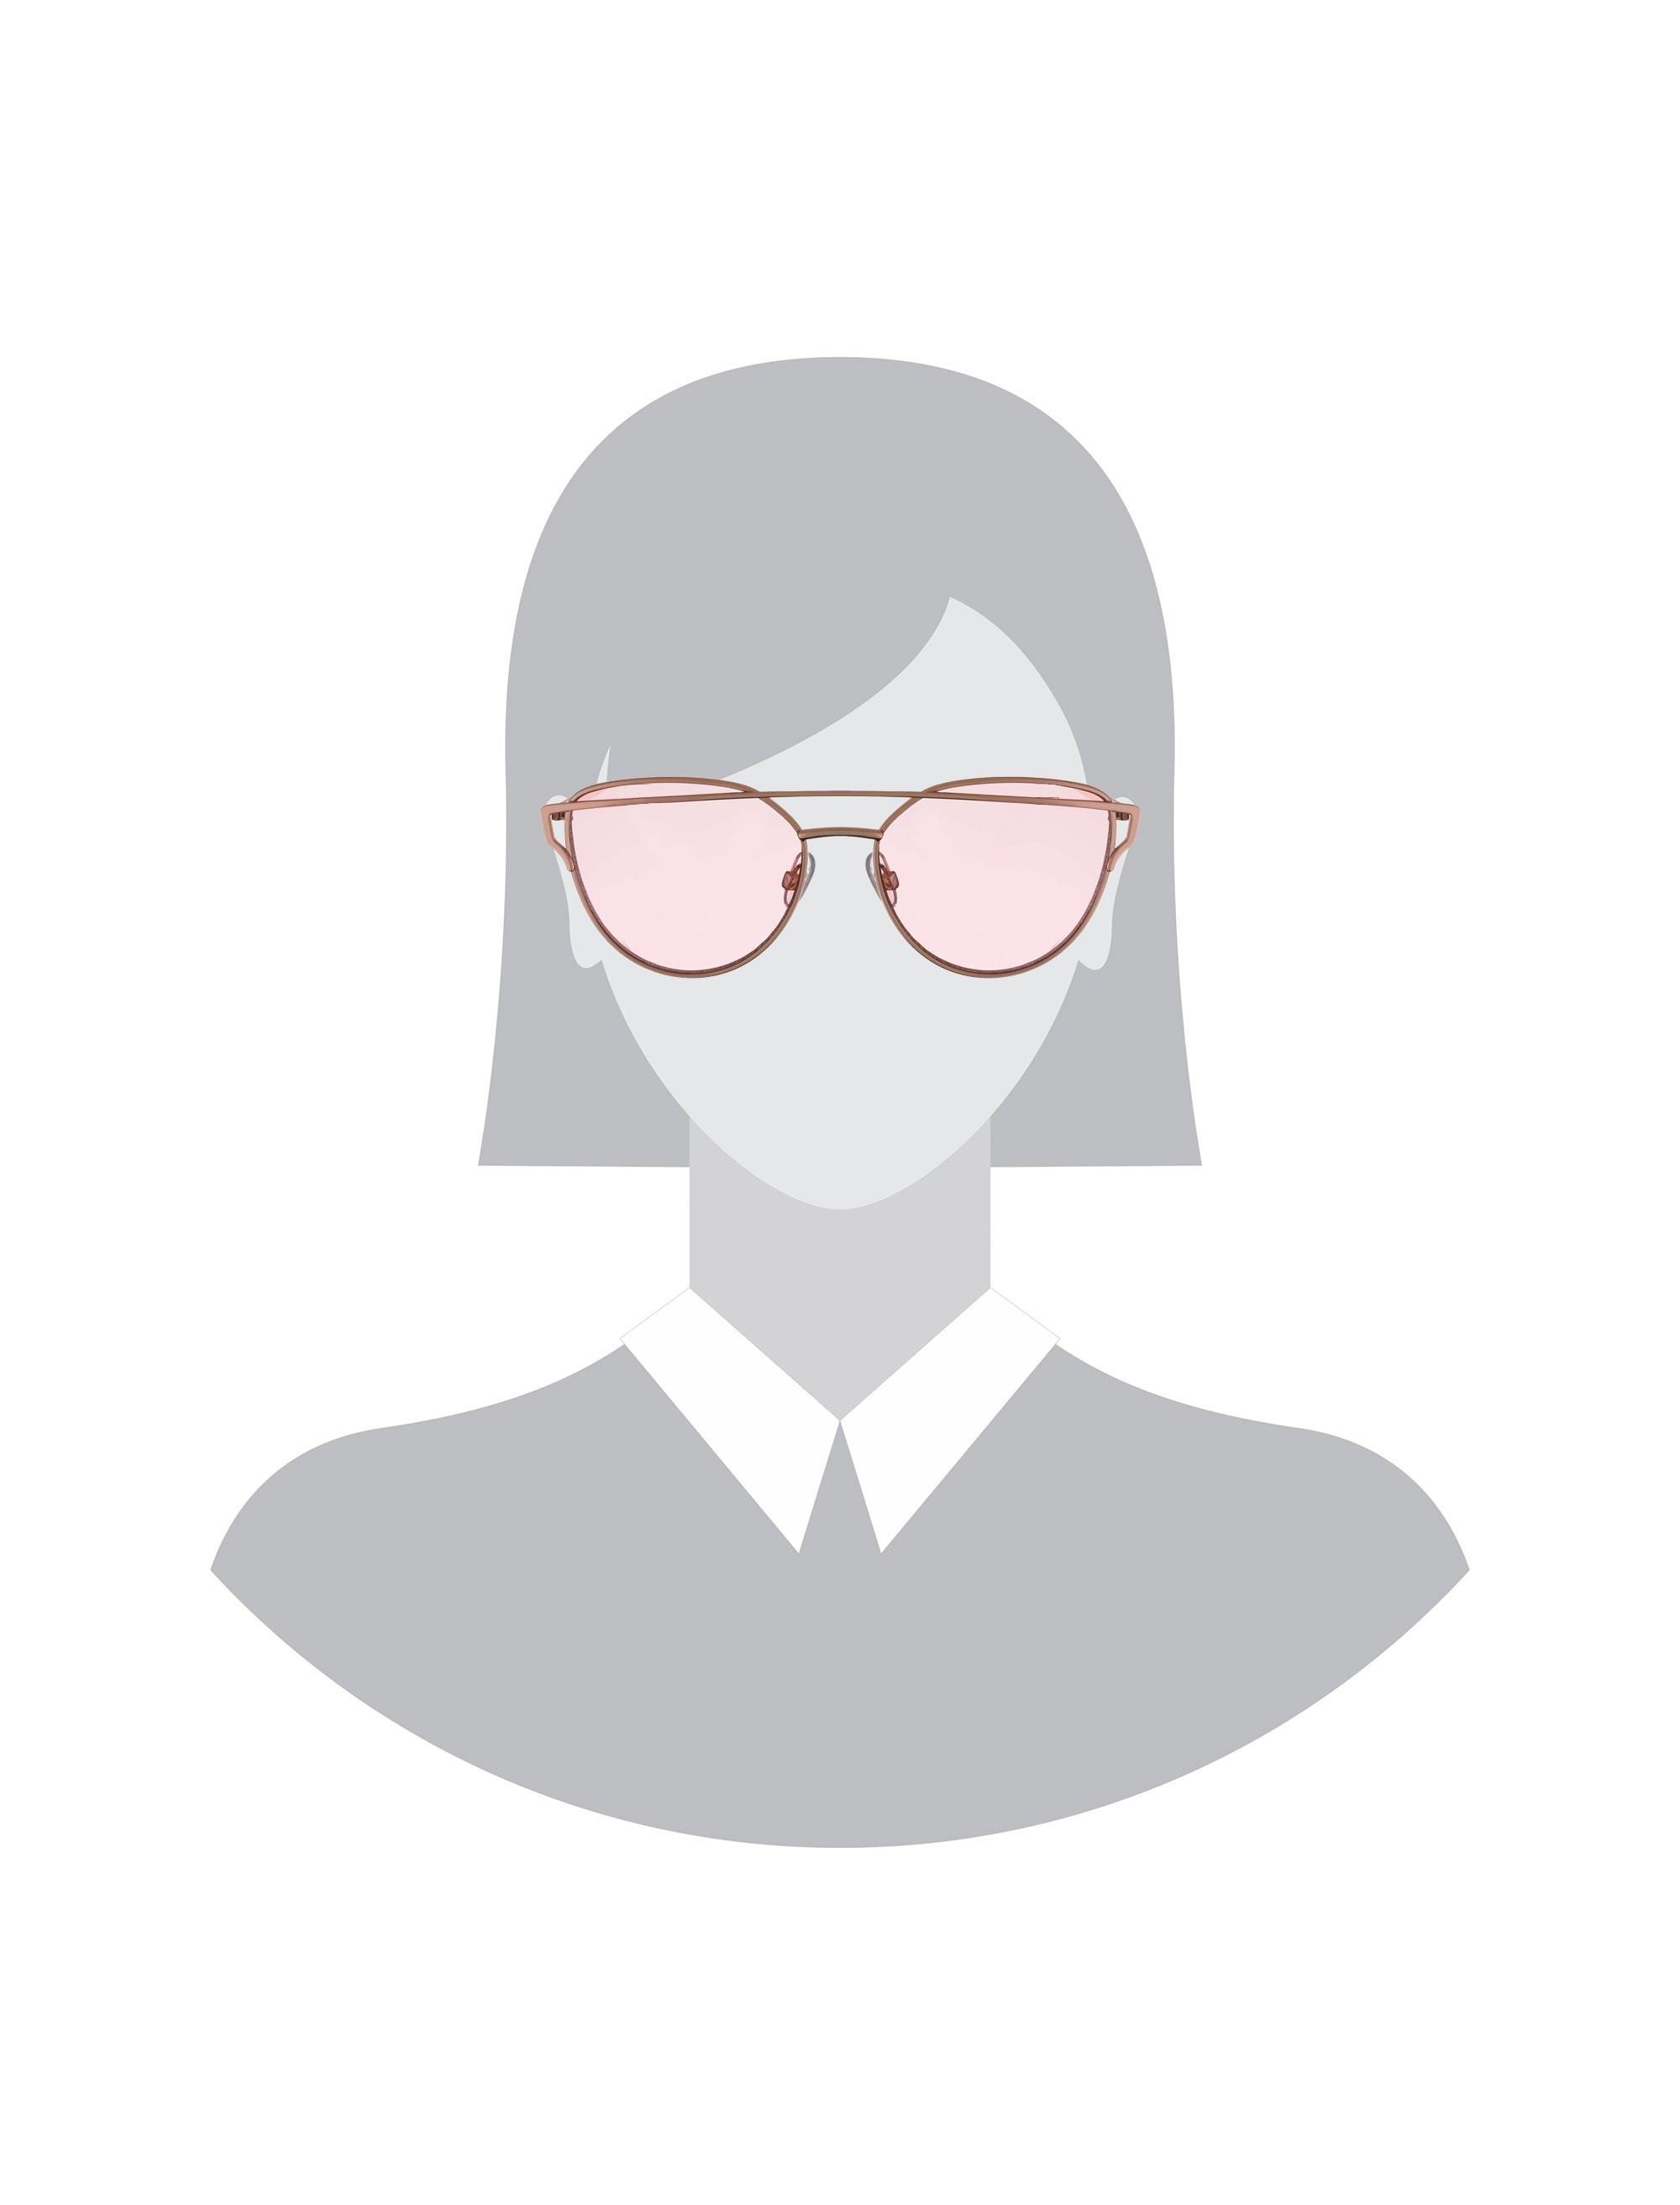 عینک آفتابی گربه ای زنانه - طلايي - 6